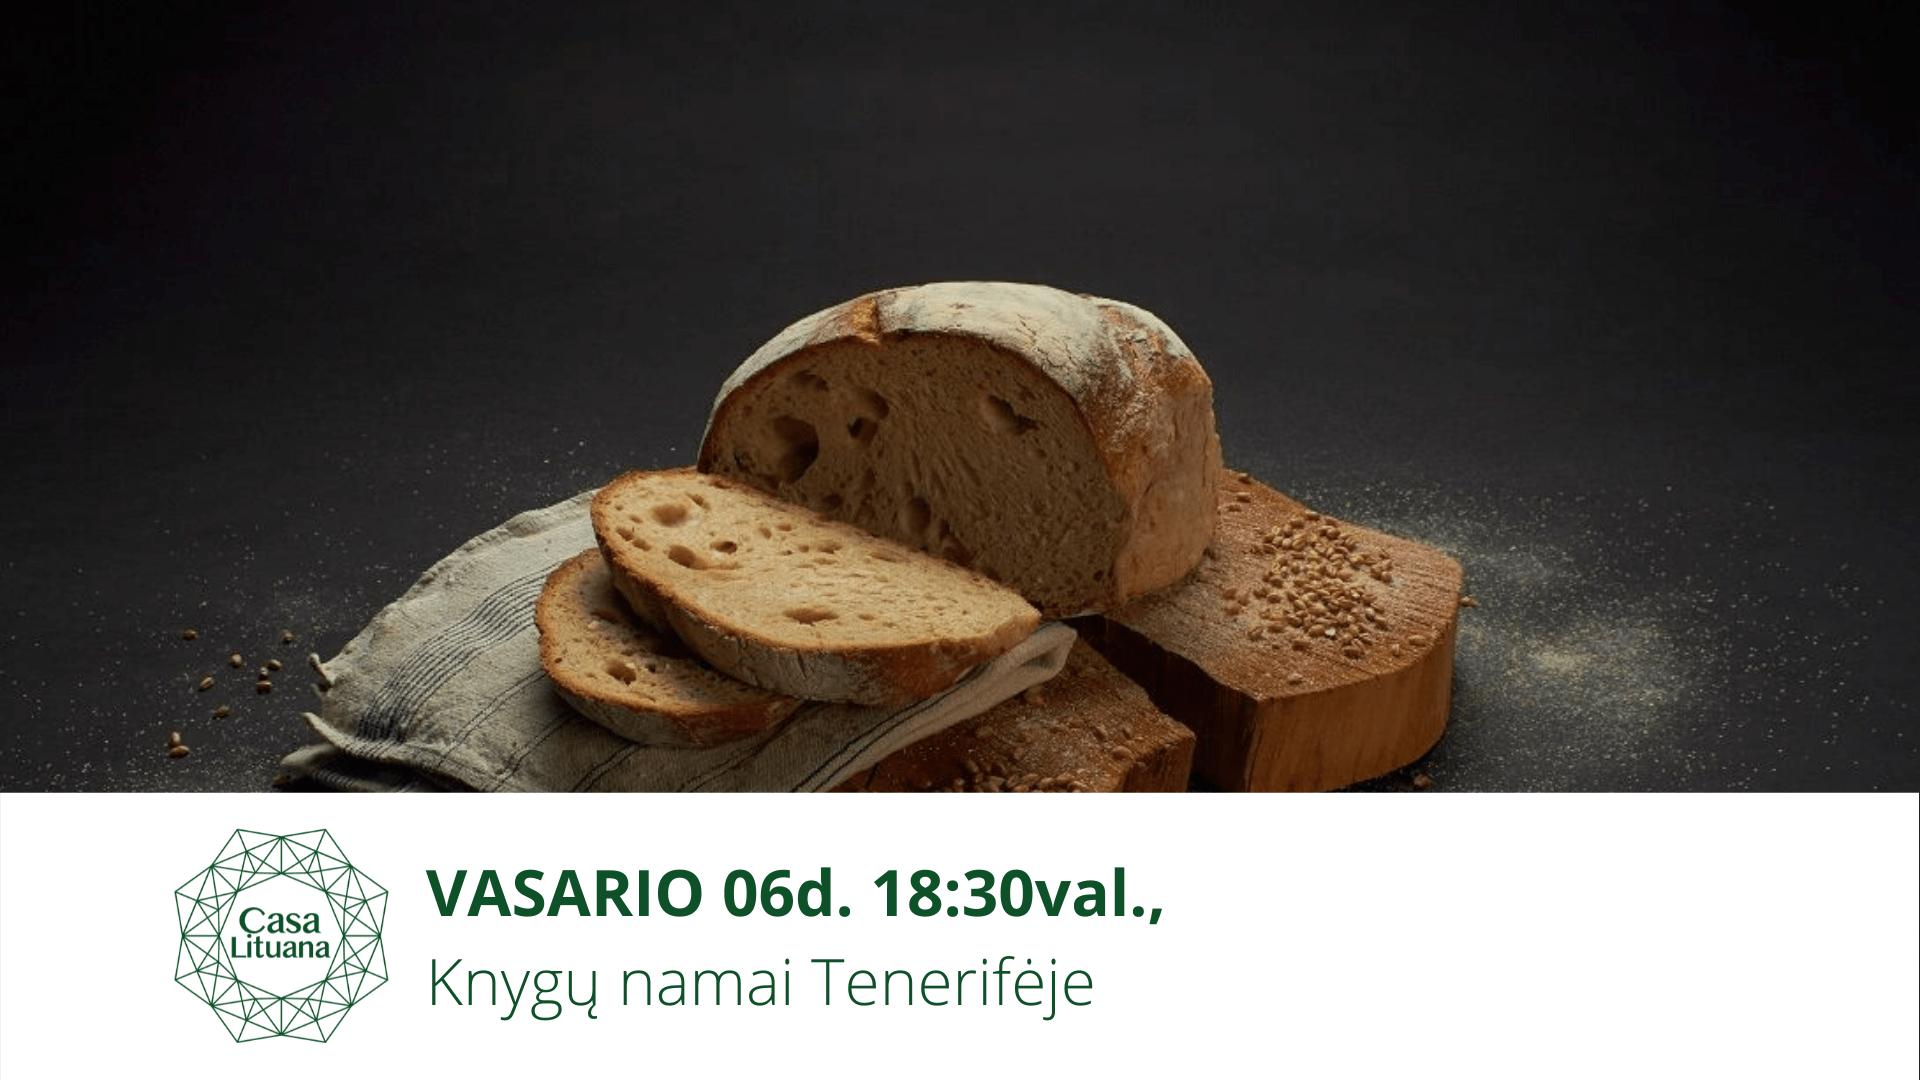 Lietuviškos duonos kepimas Renginiai Tenerifeje lietuviu bendruomene tenerifeje